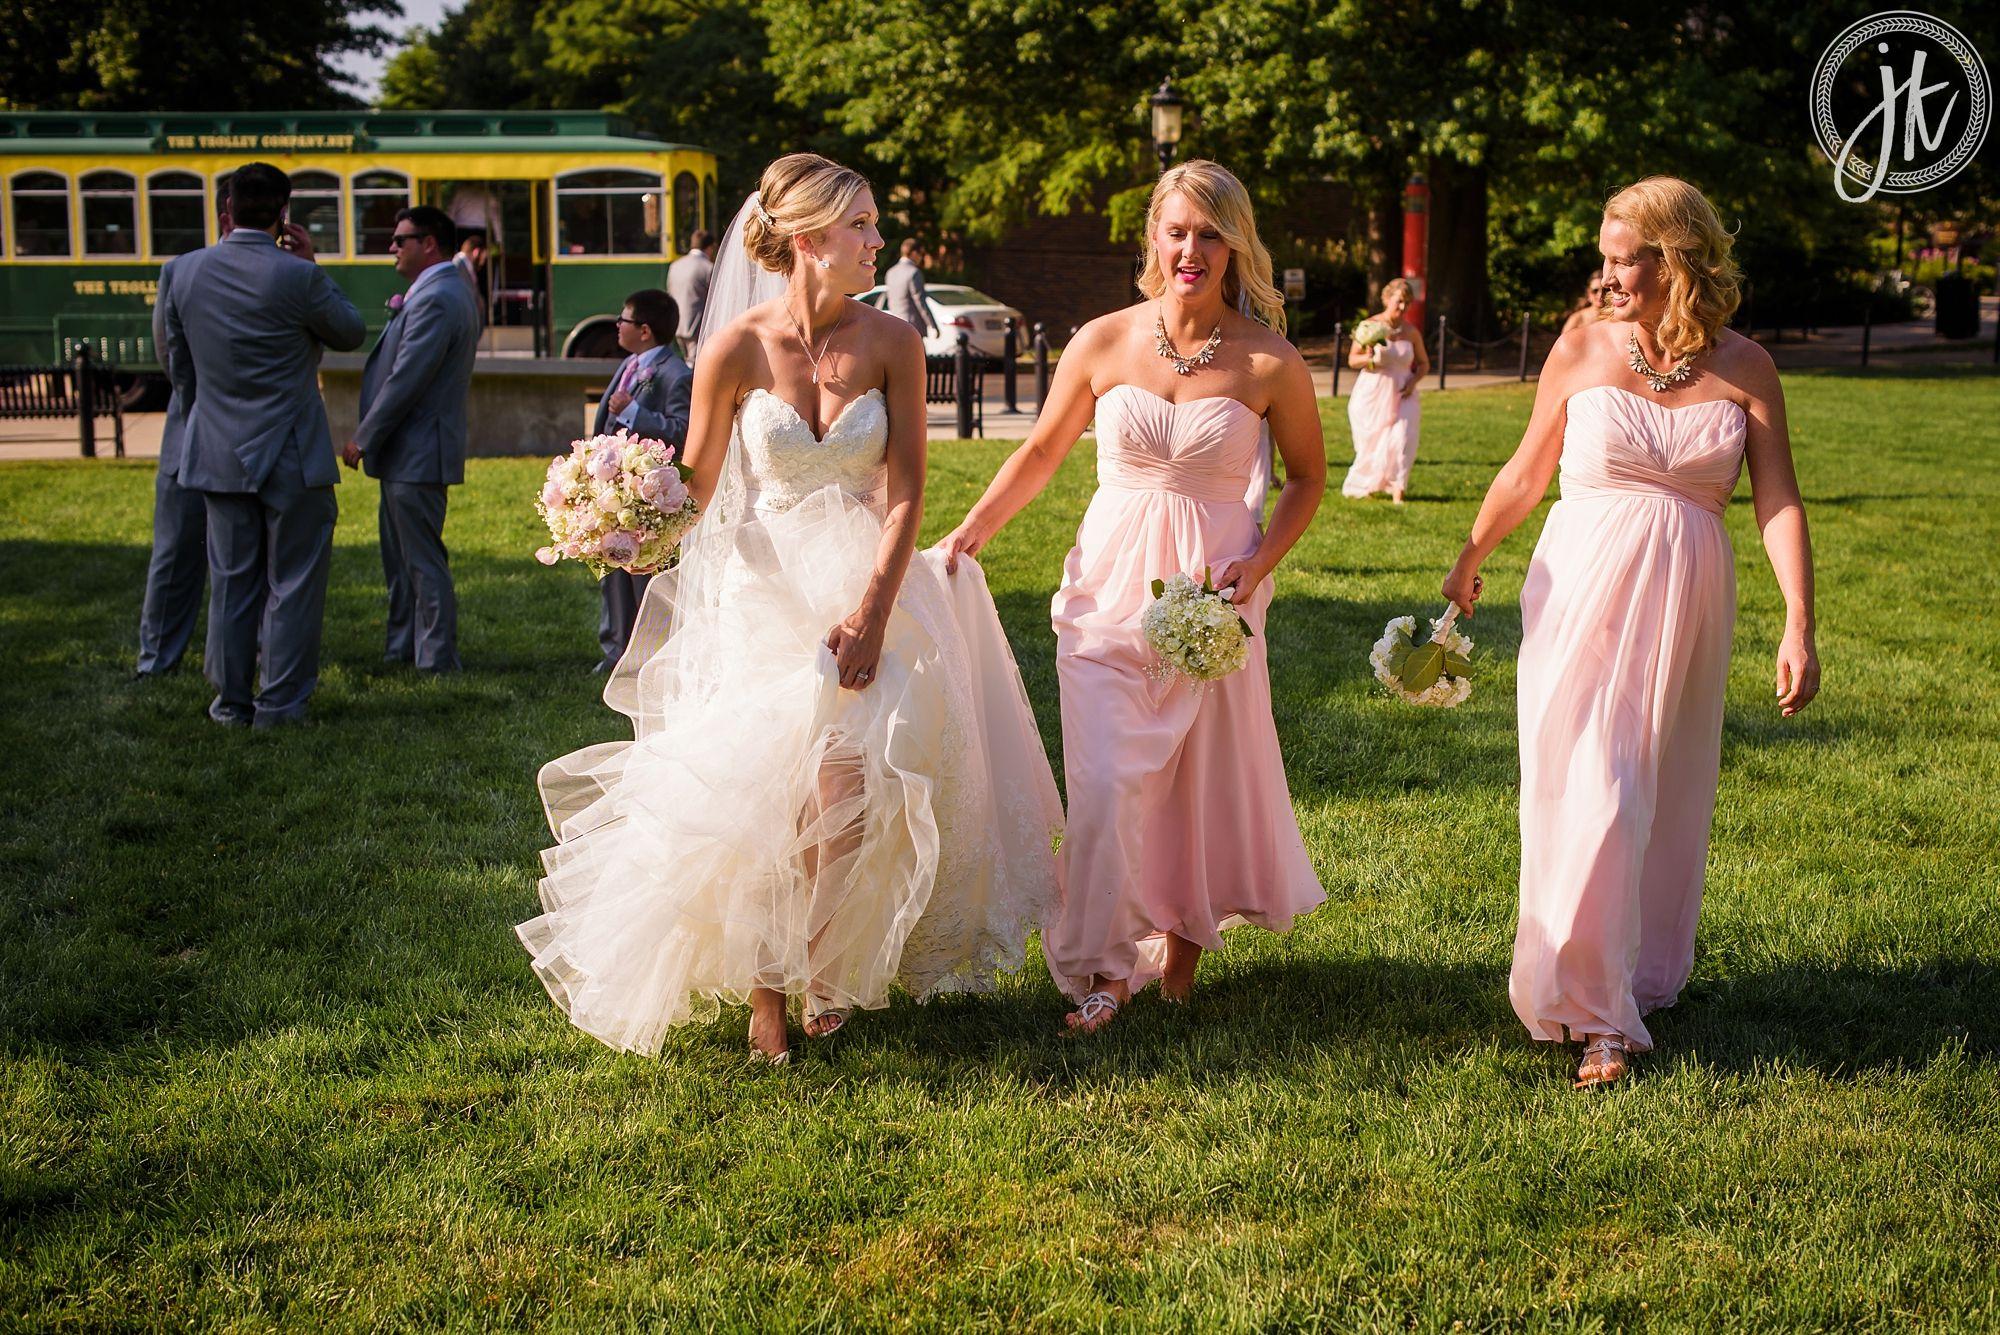 Bridesmaids help bride walk with her wedding dress across mizzou